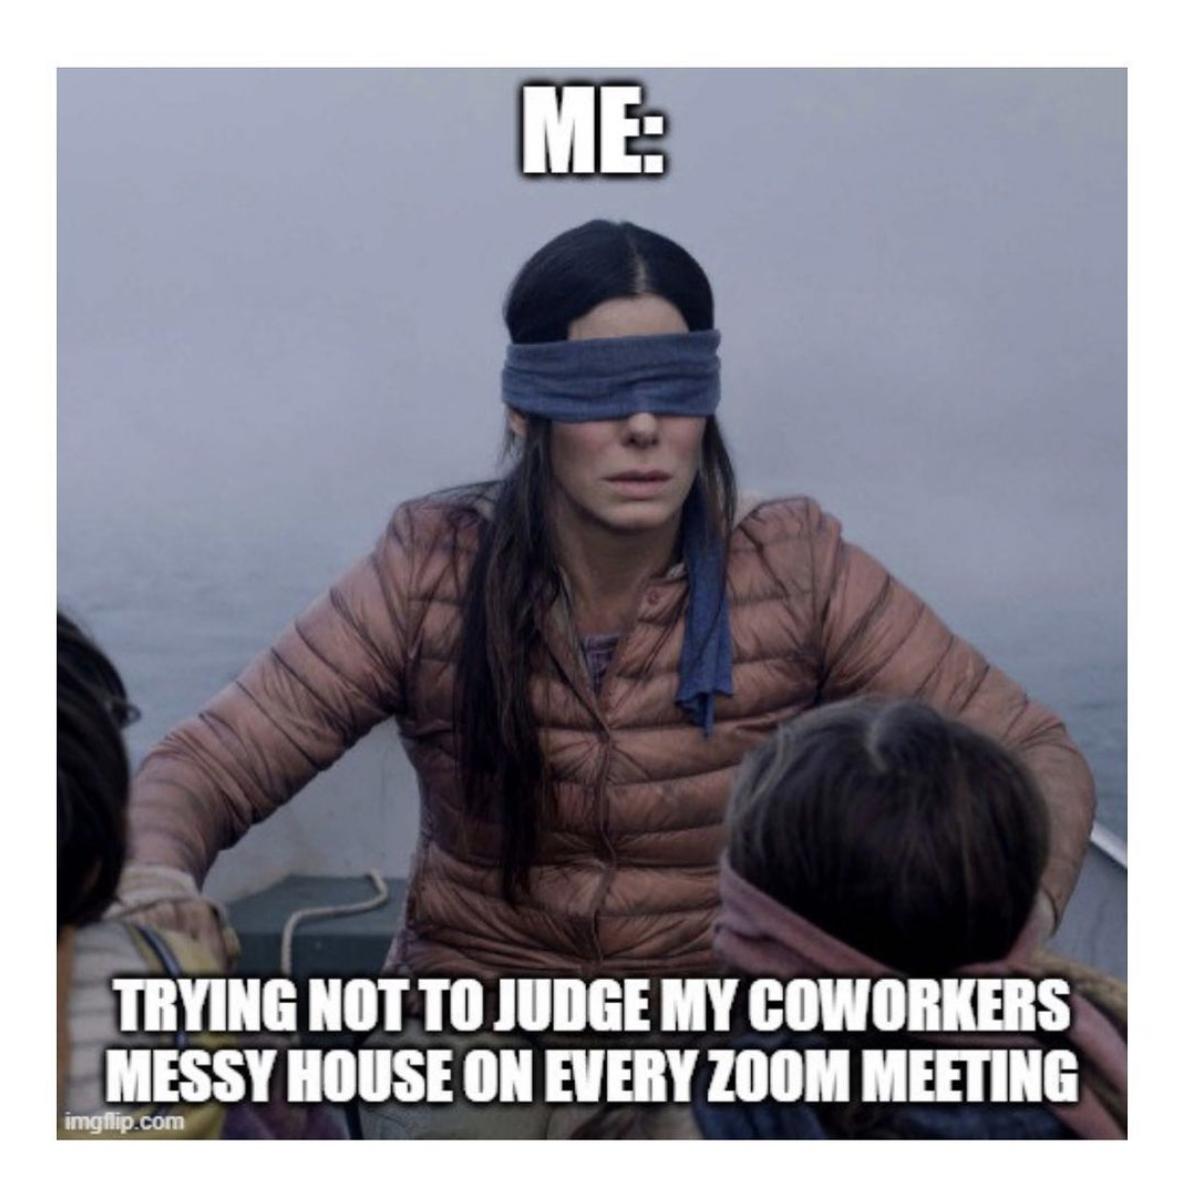 Judging coworkers' homes during zoom meetings meme